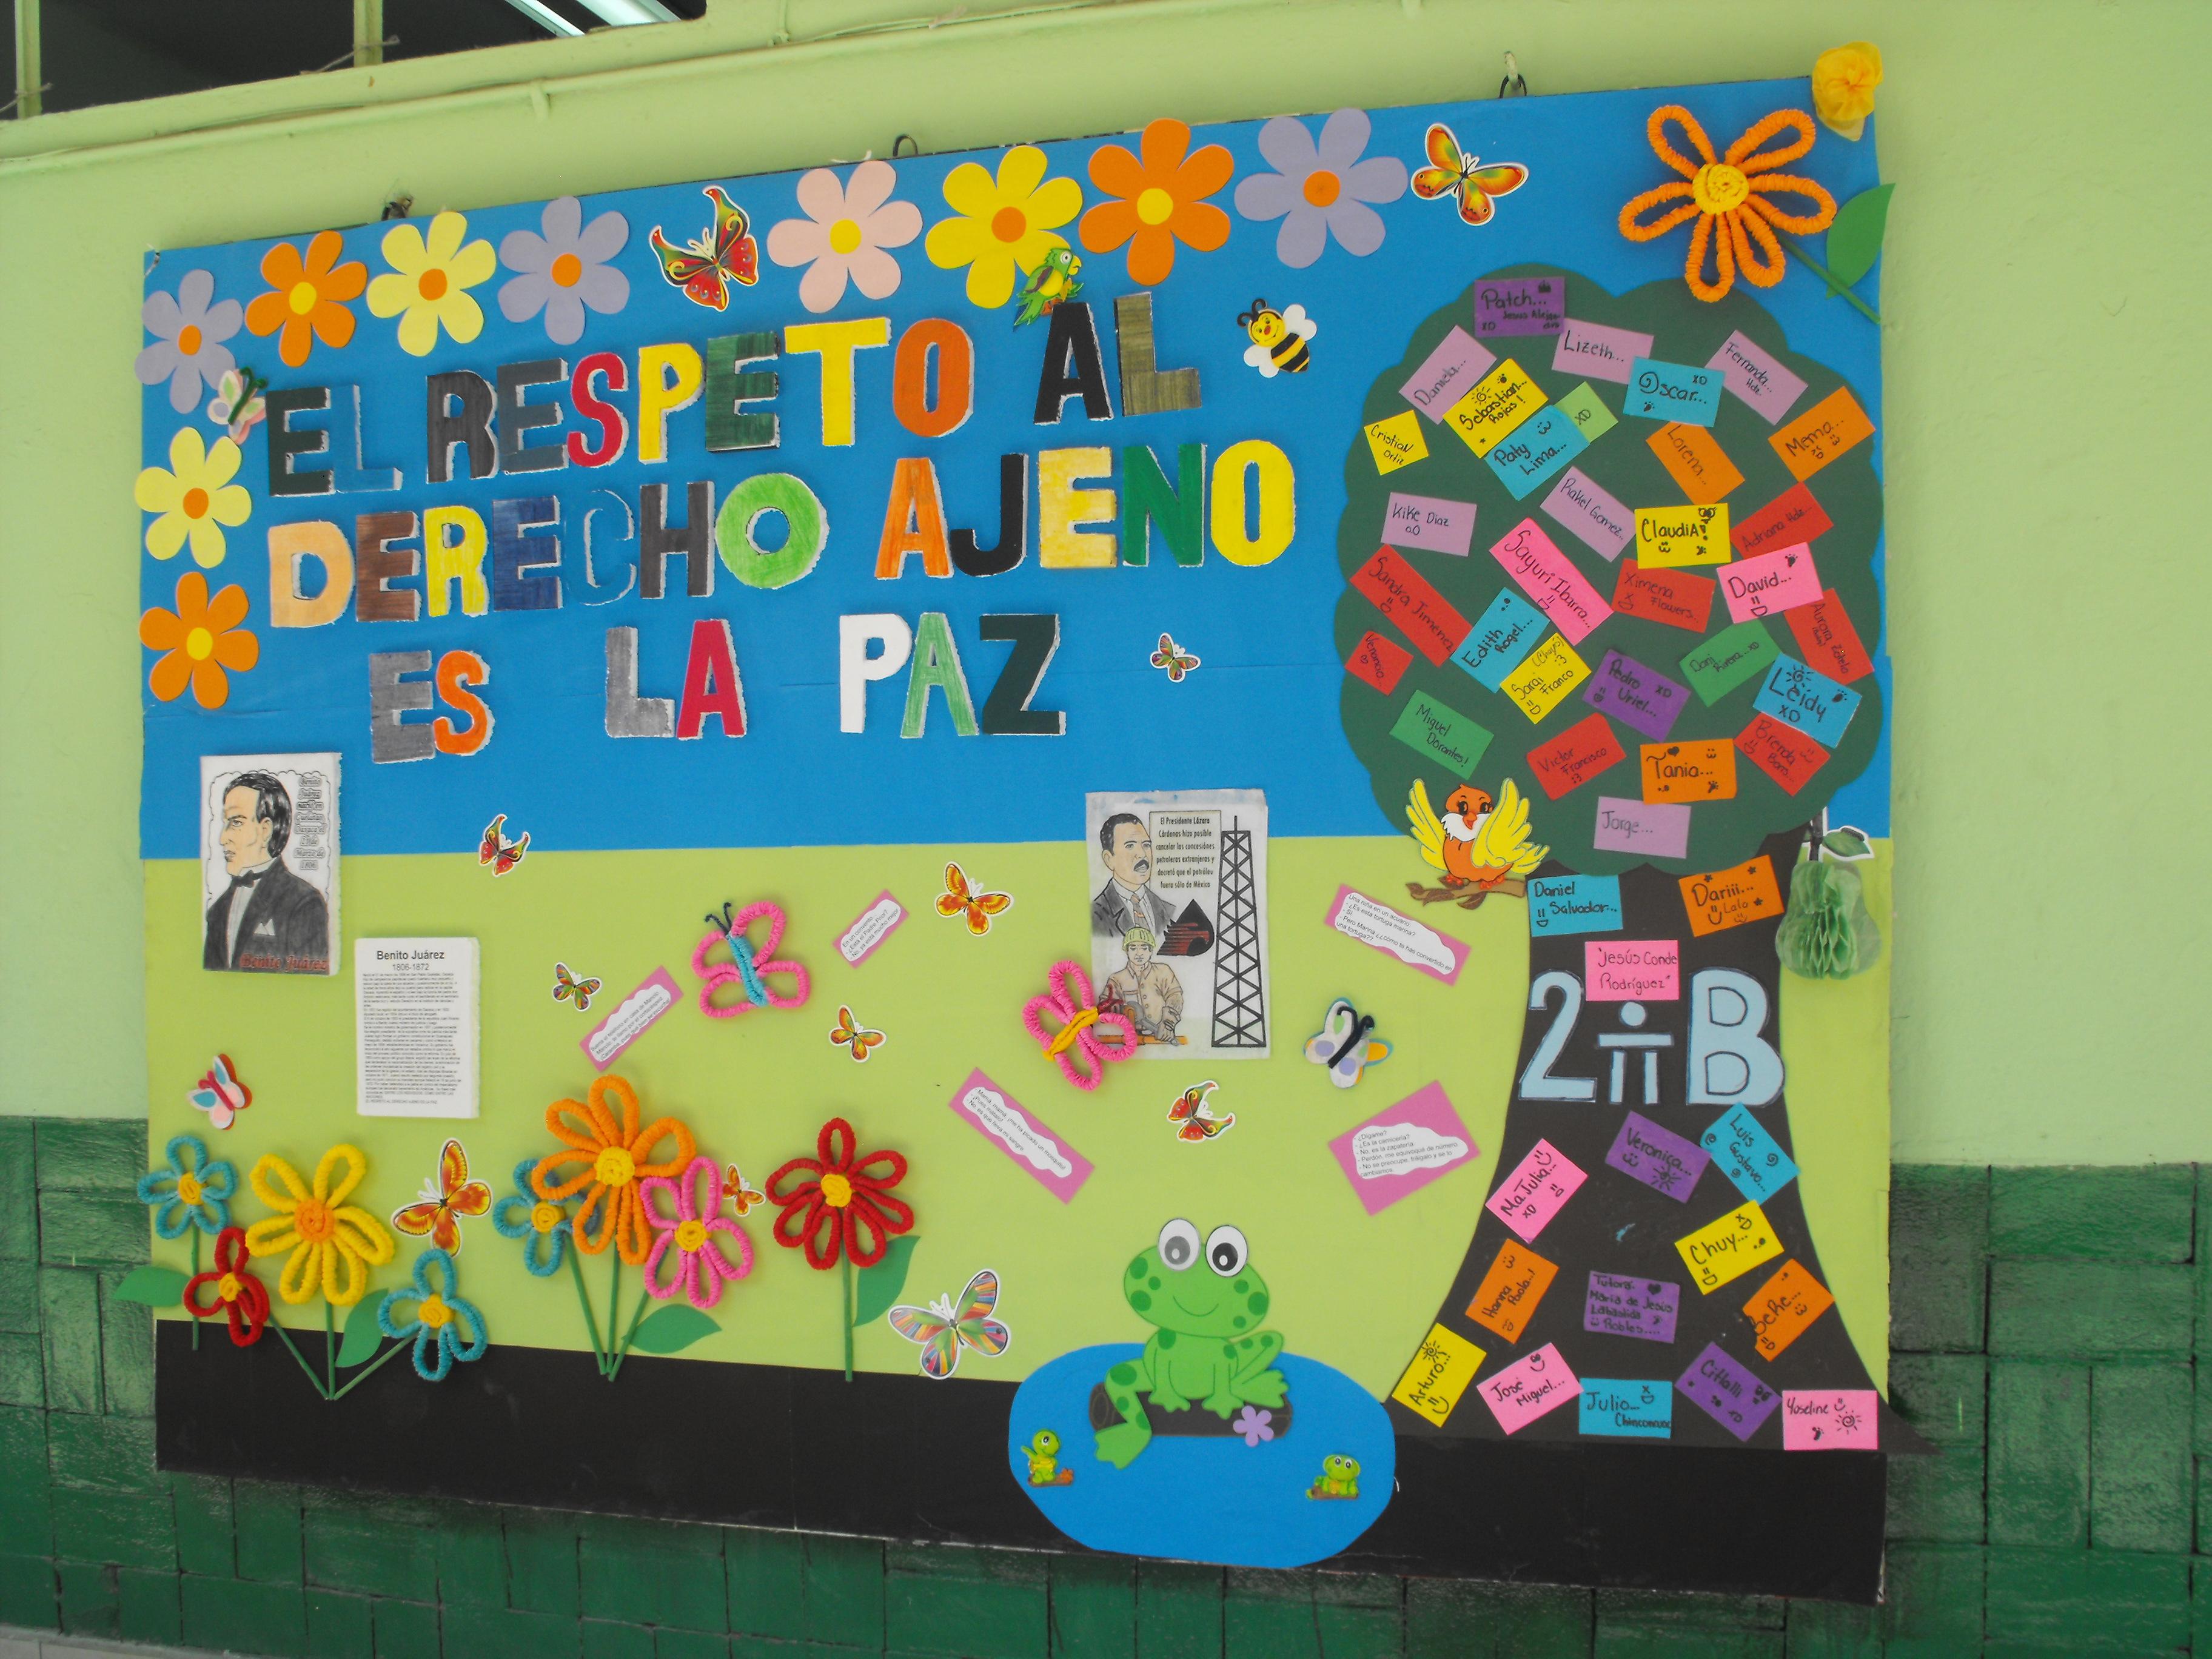 Periodico mural 2 imagenes educativas for Como elaborar un periodico mural